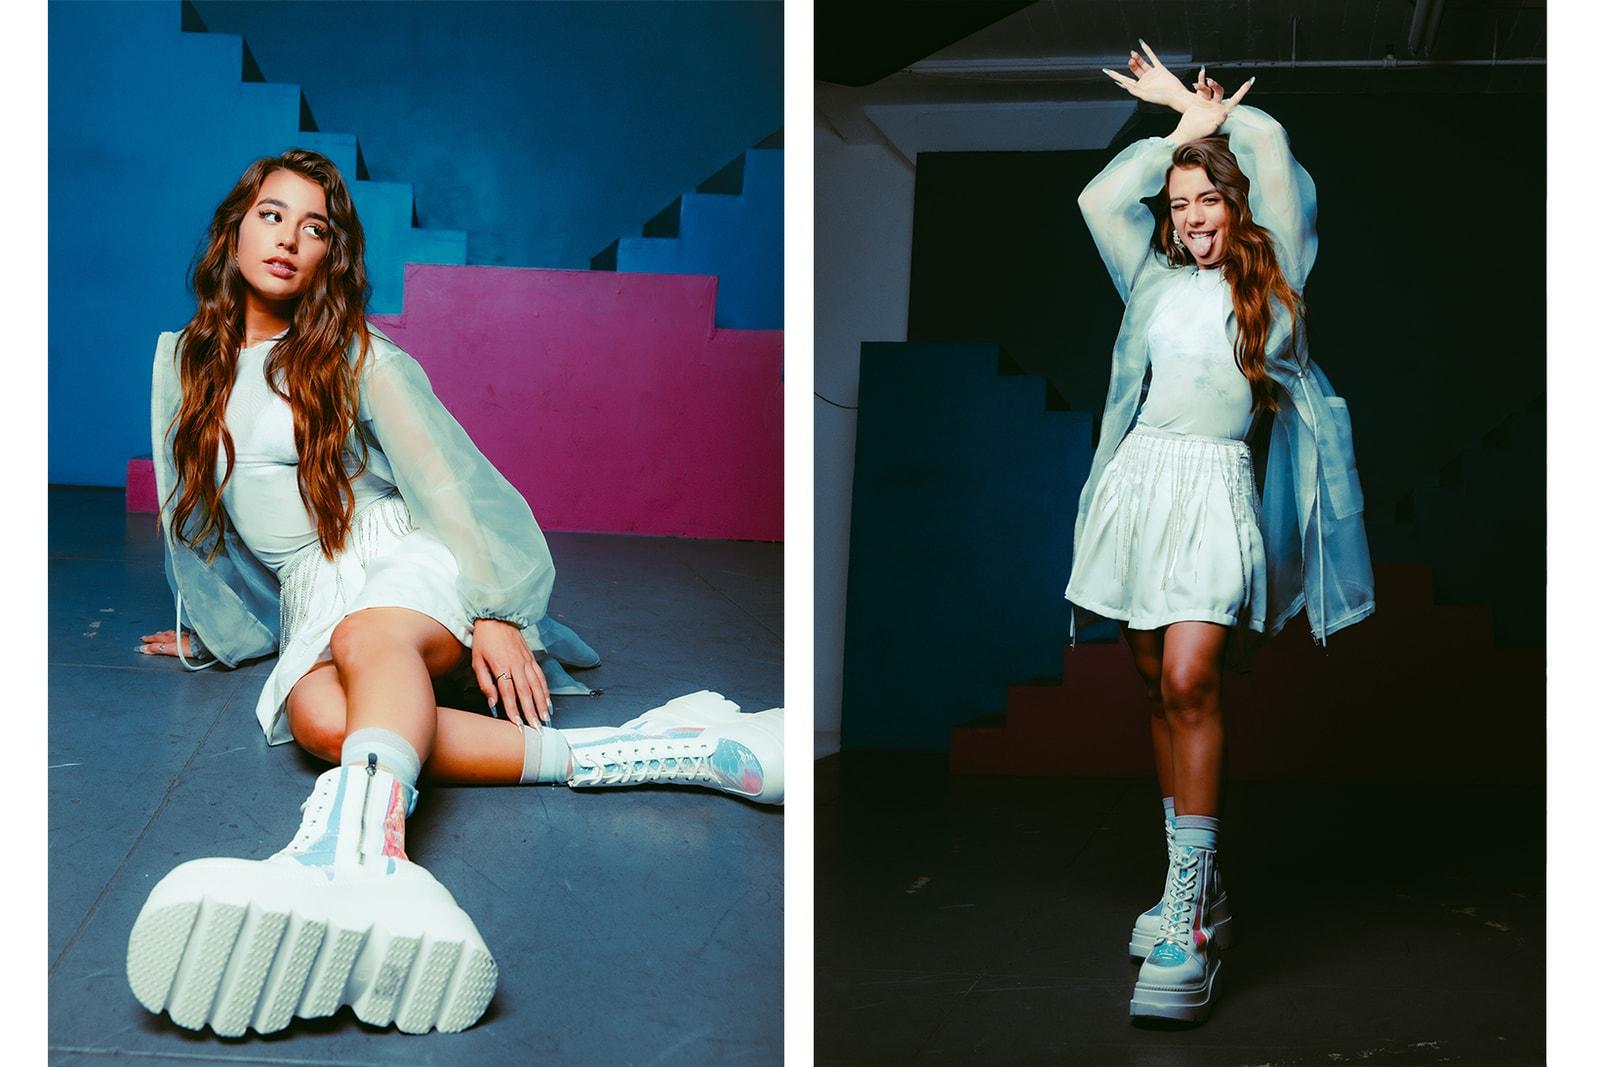 alaina castillo tonight single song track latina latinx pop emerging artist musician singer houston texas los angeles